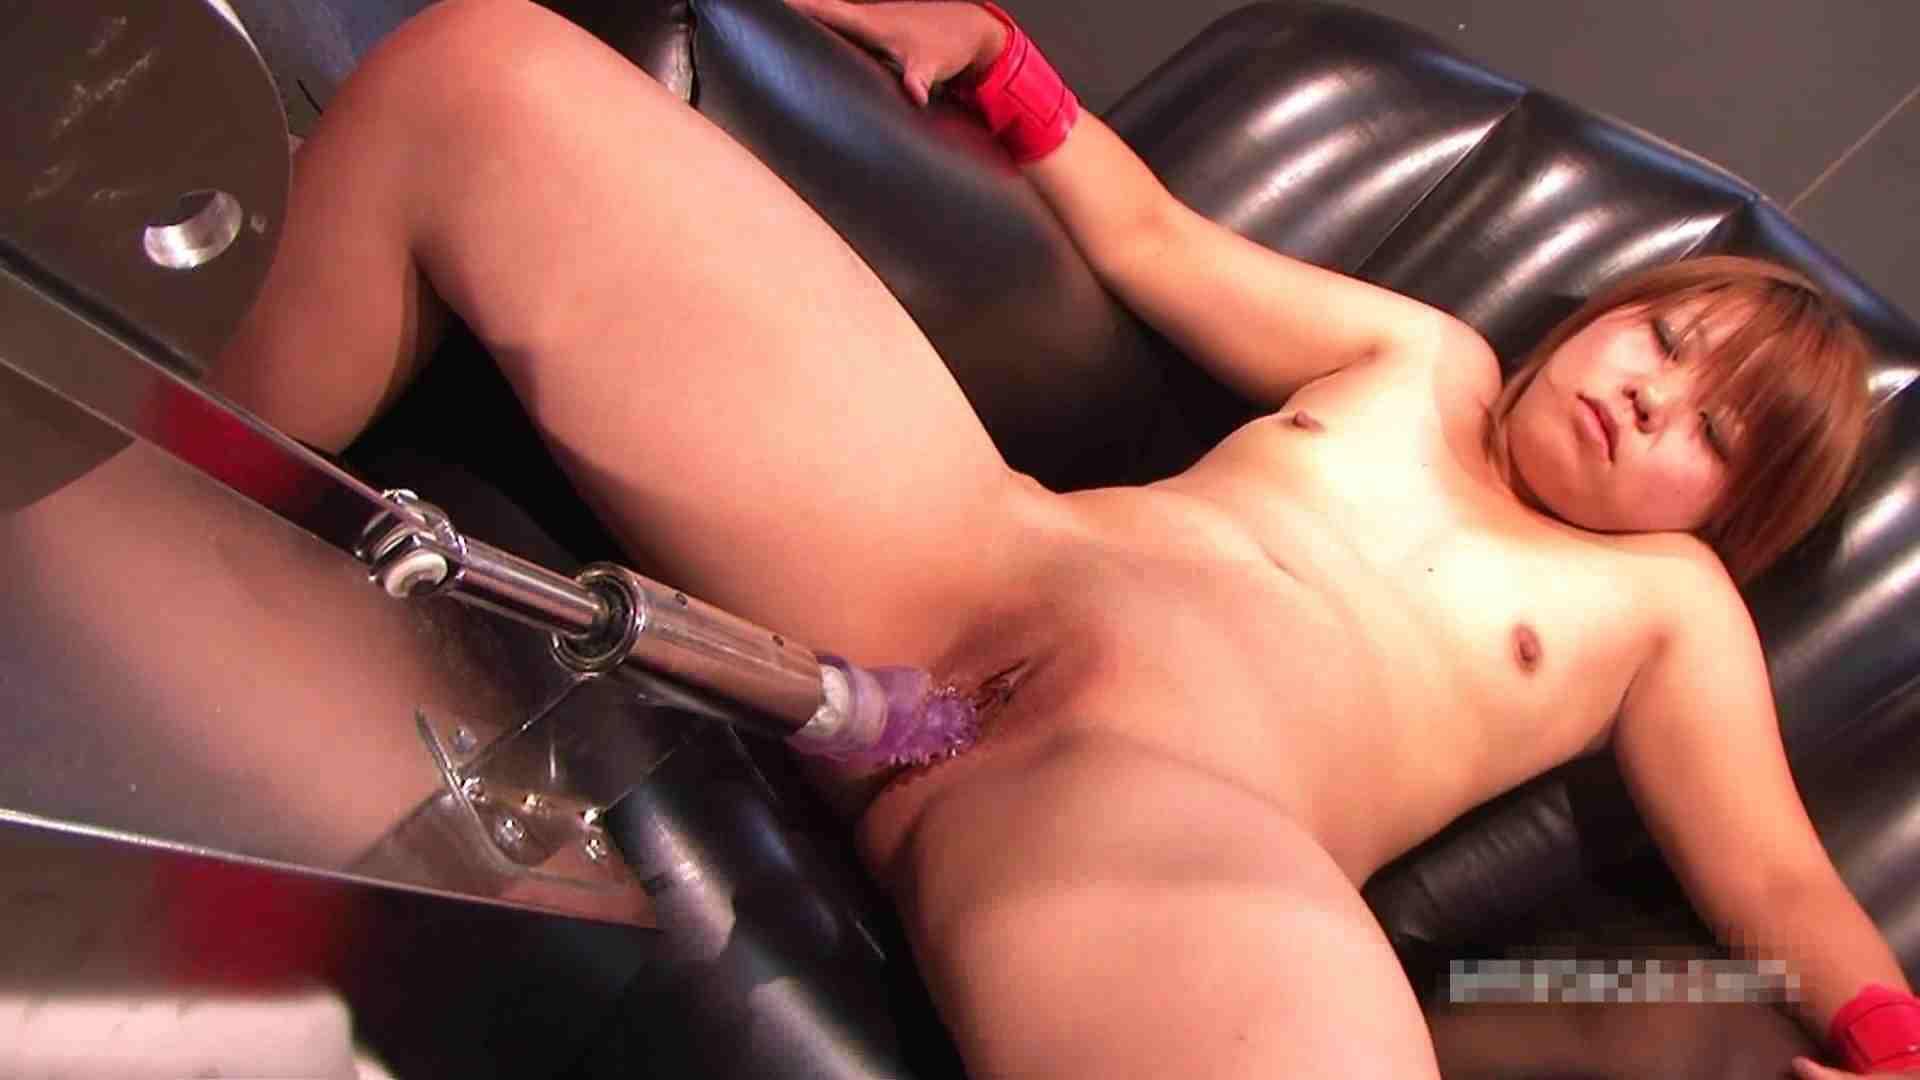 投稿素人 ツカサちゃん24歳vol.2 バイブDE興奮 セックス画像 109pic 32